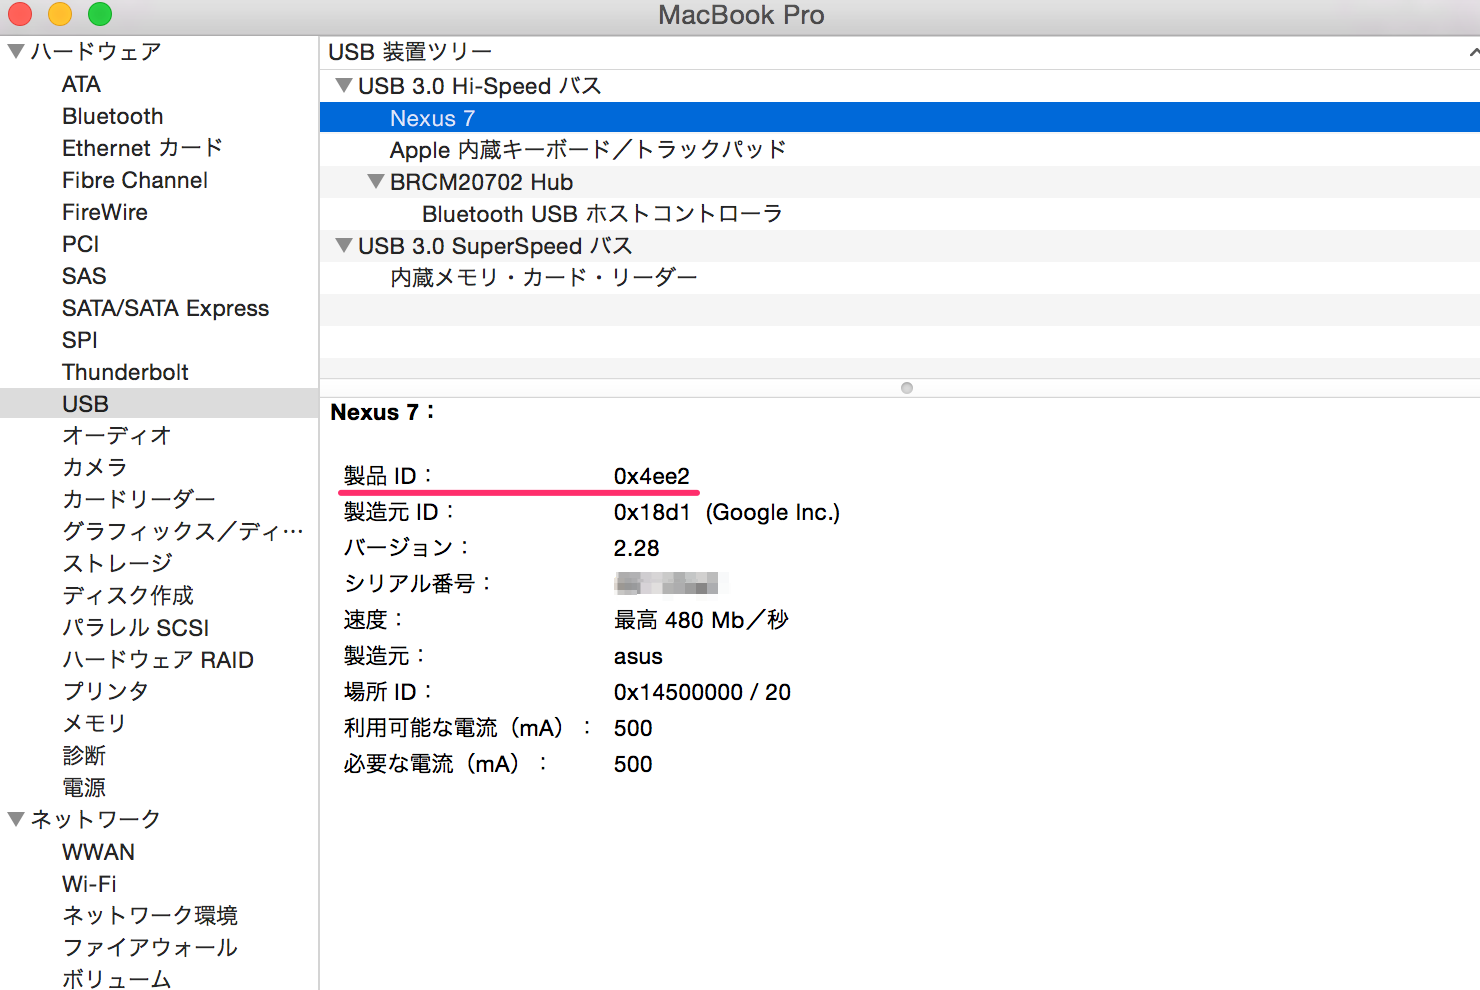 MacBook_Pro.png